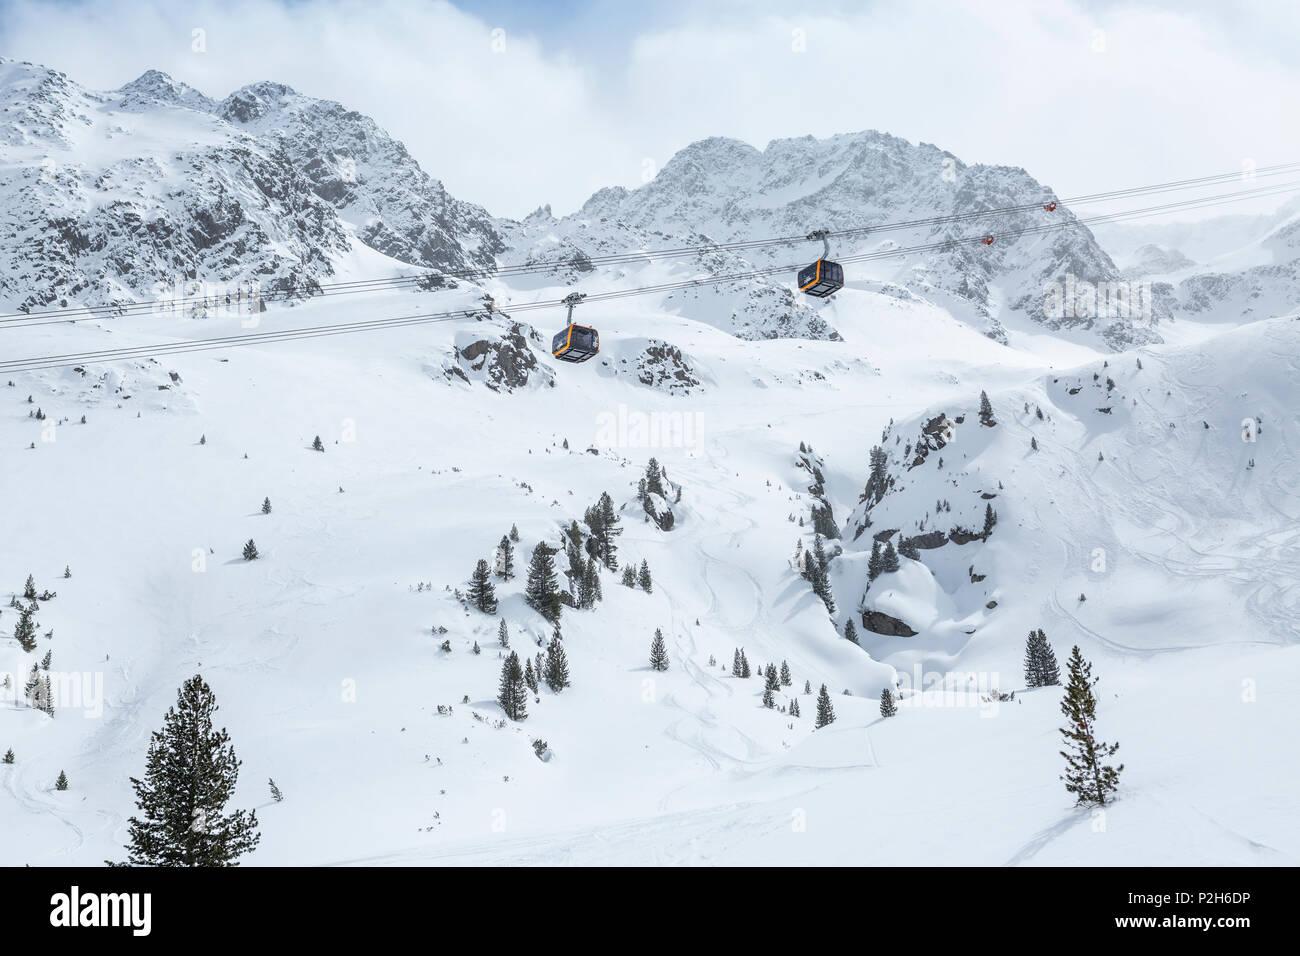 Gondole della funivia al ghiacciaio dello Stubai ski resort con montagne innevate come sfondo, Neustift im Stubaital, Alpi austriache, Tirolo, Austria Foto Stock